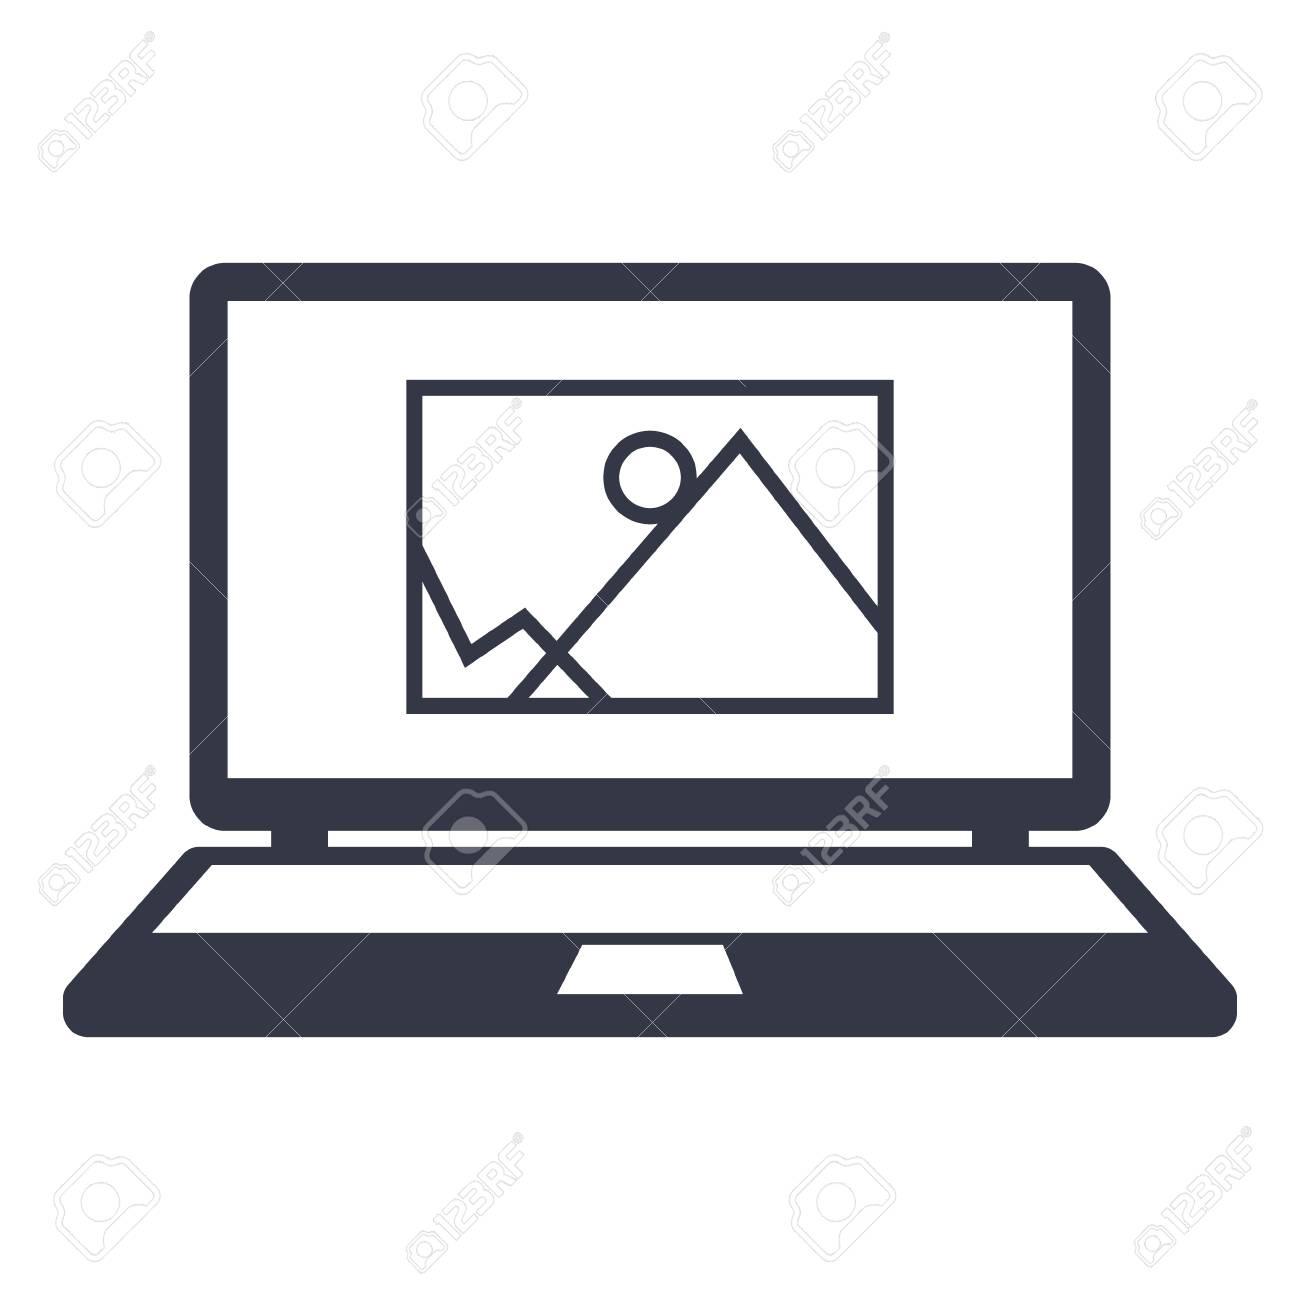 Icône informations d image. dessin sur l écran d un ordinateur portable 906a52e0871b